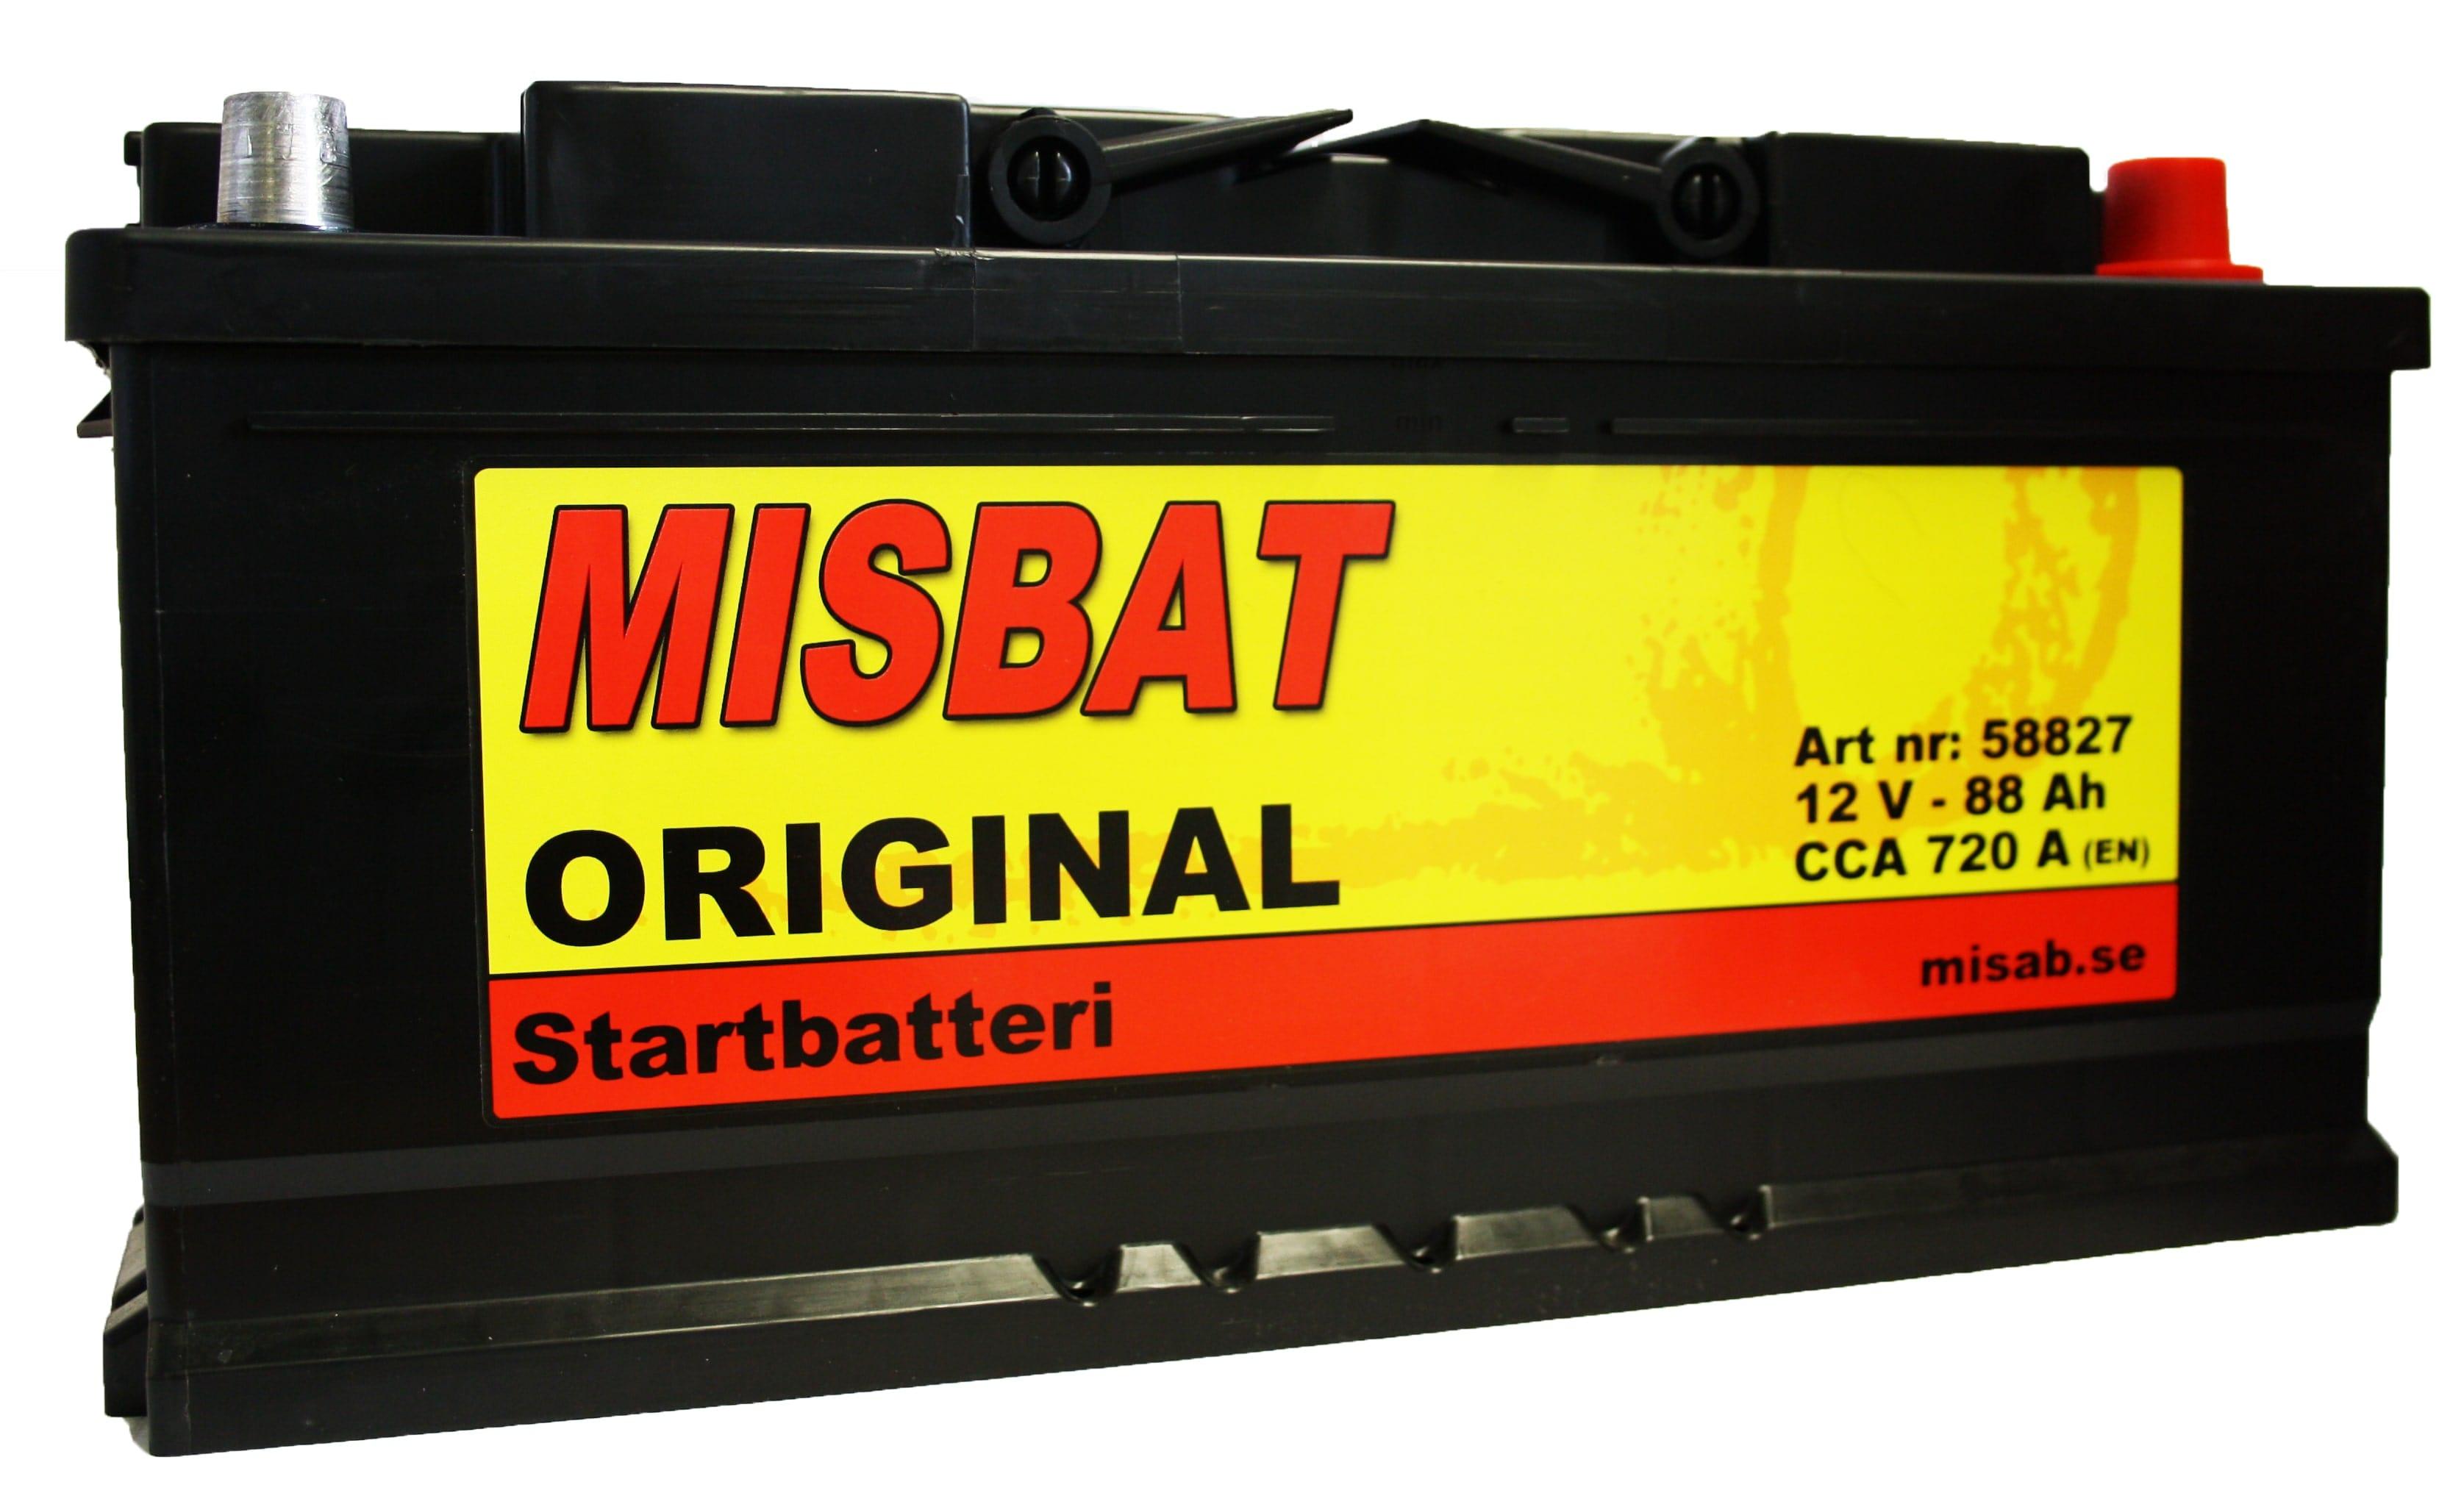 MISBAT ORIGINAL 88 AH